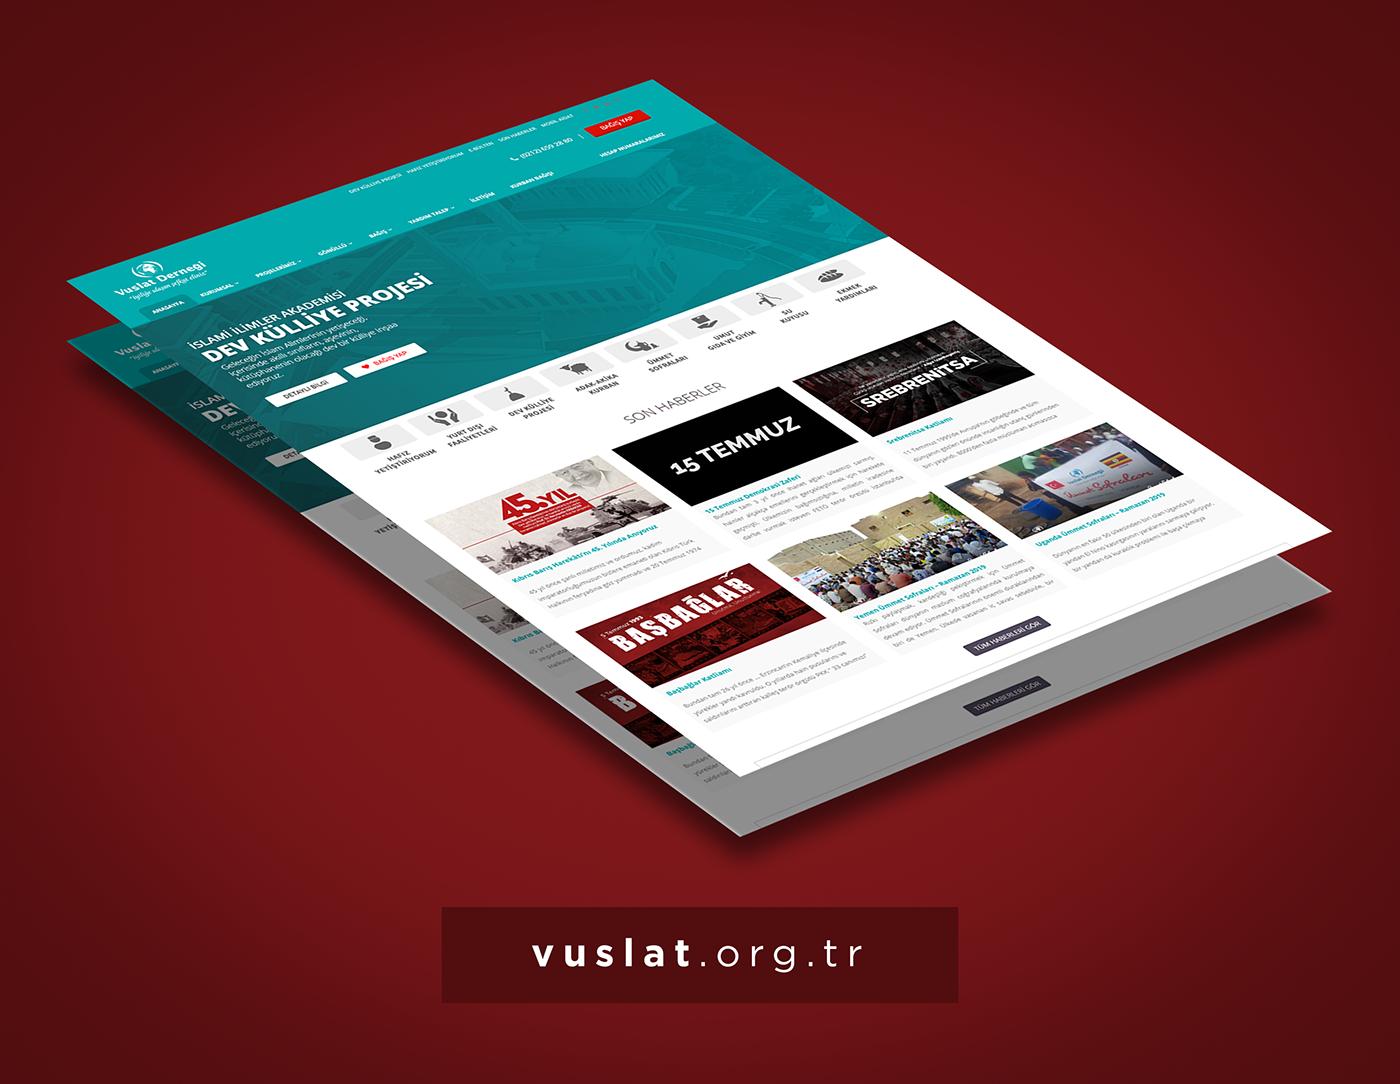 Vuslat.org.tr - Sefa Gedik